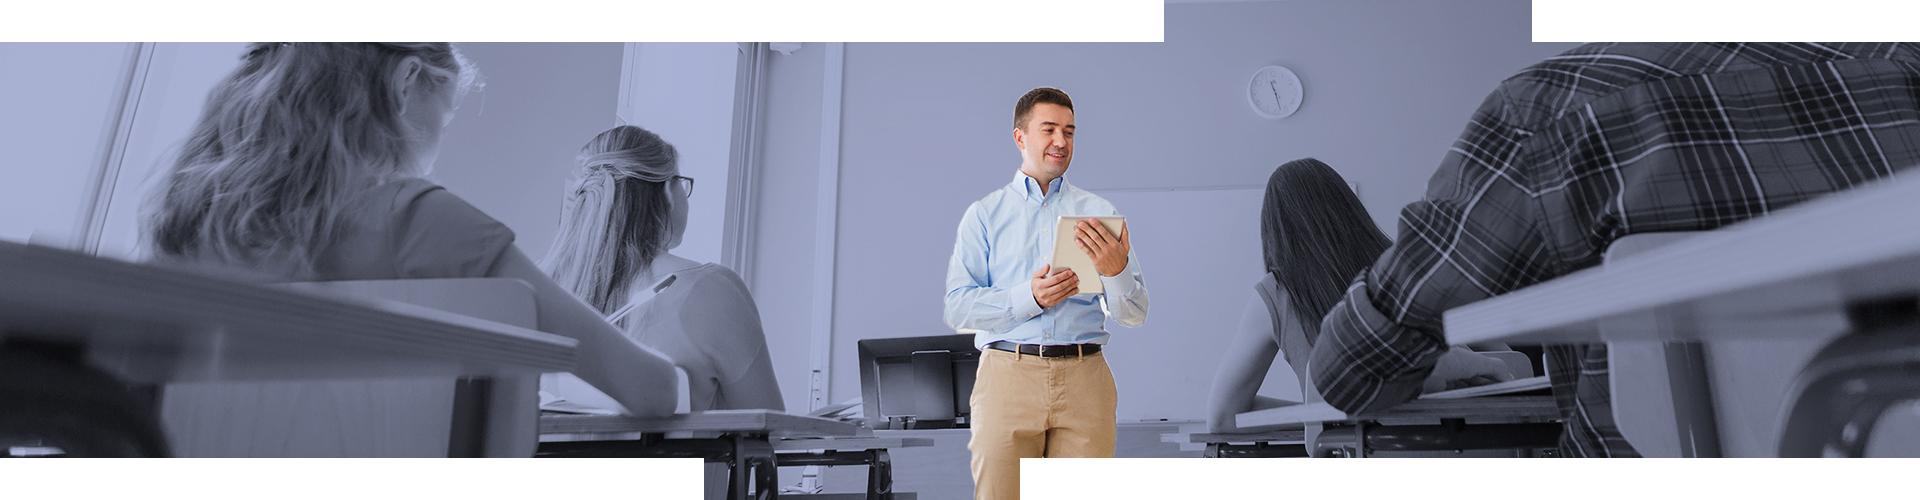 ¿Quieres mejorar los servicios de tu centro? Te proponemos